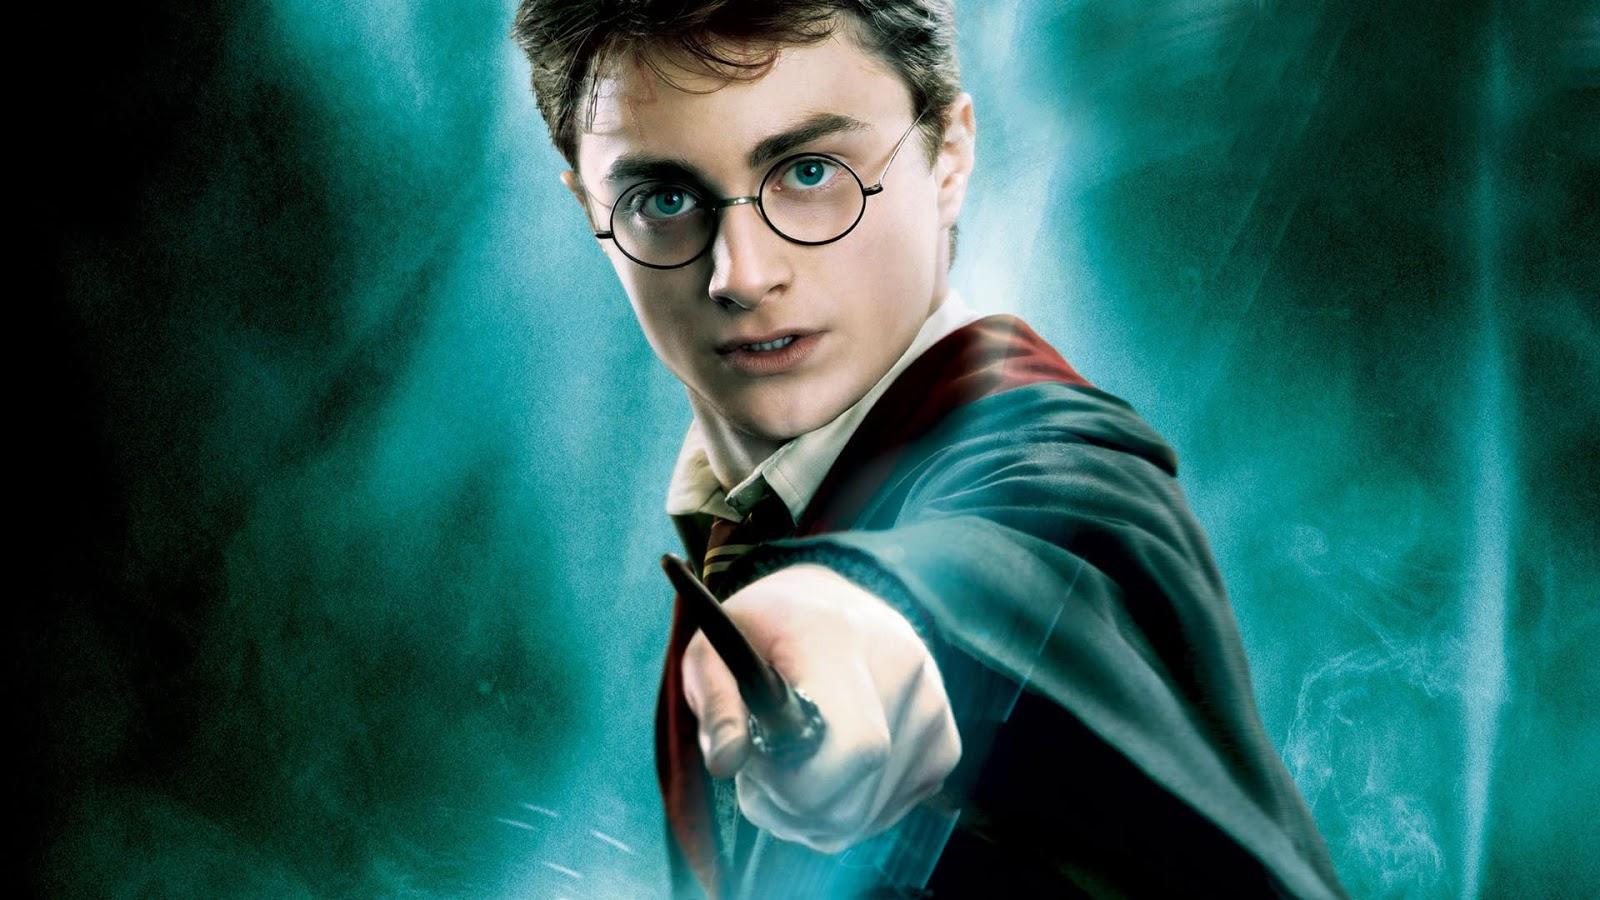 Як взяти в оренду рідний дім Гаррі Поттера (фото)